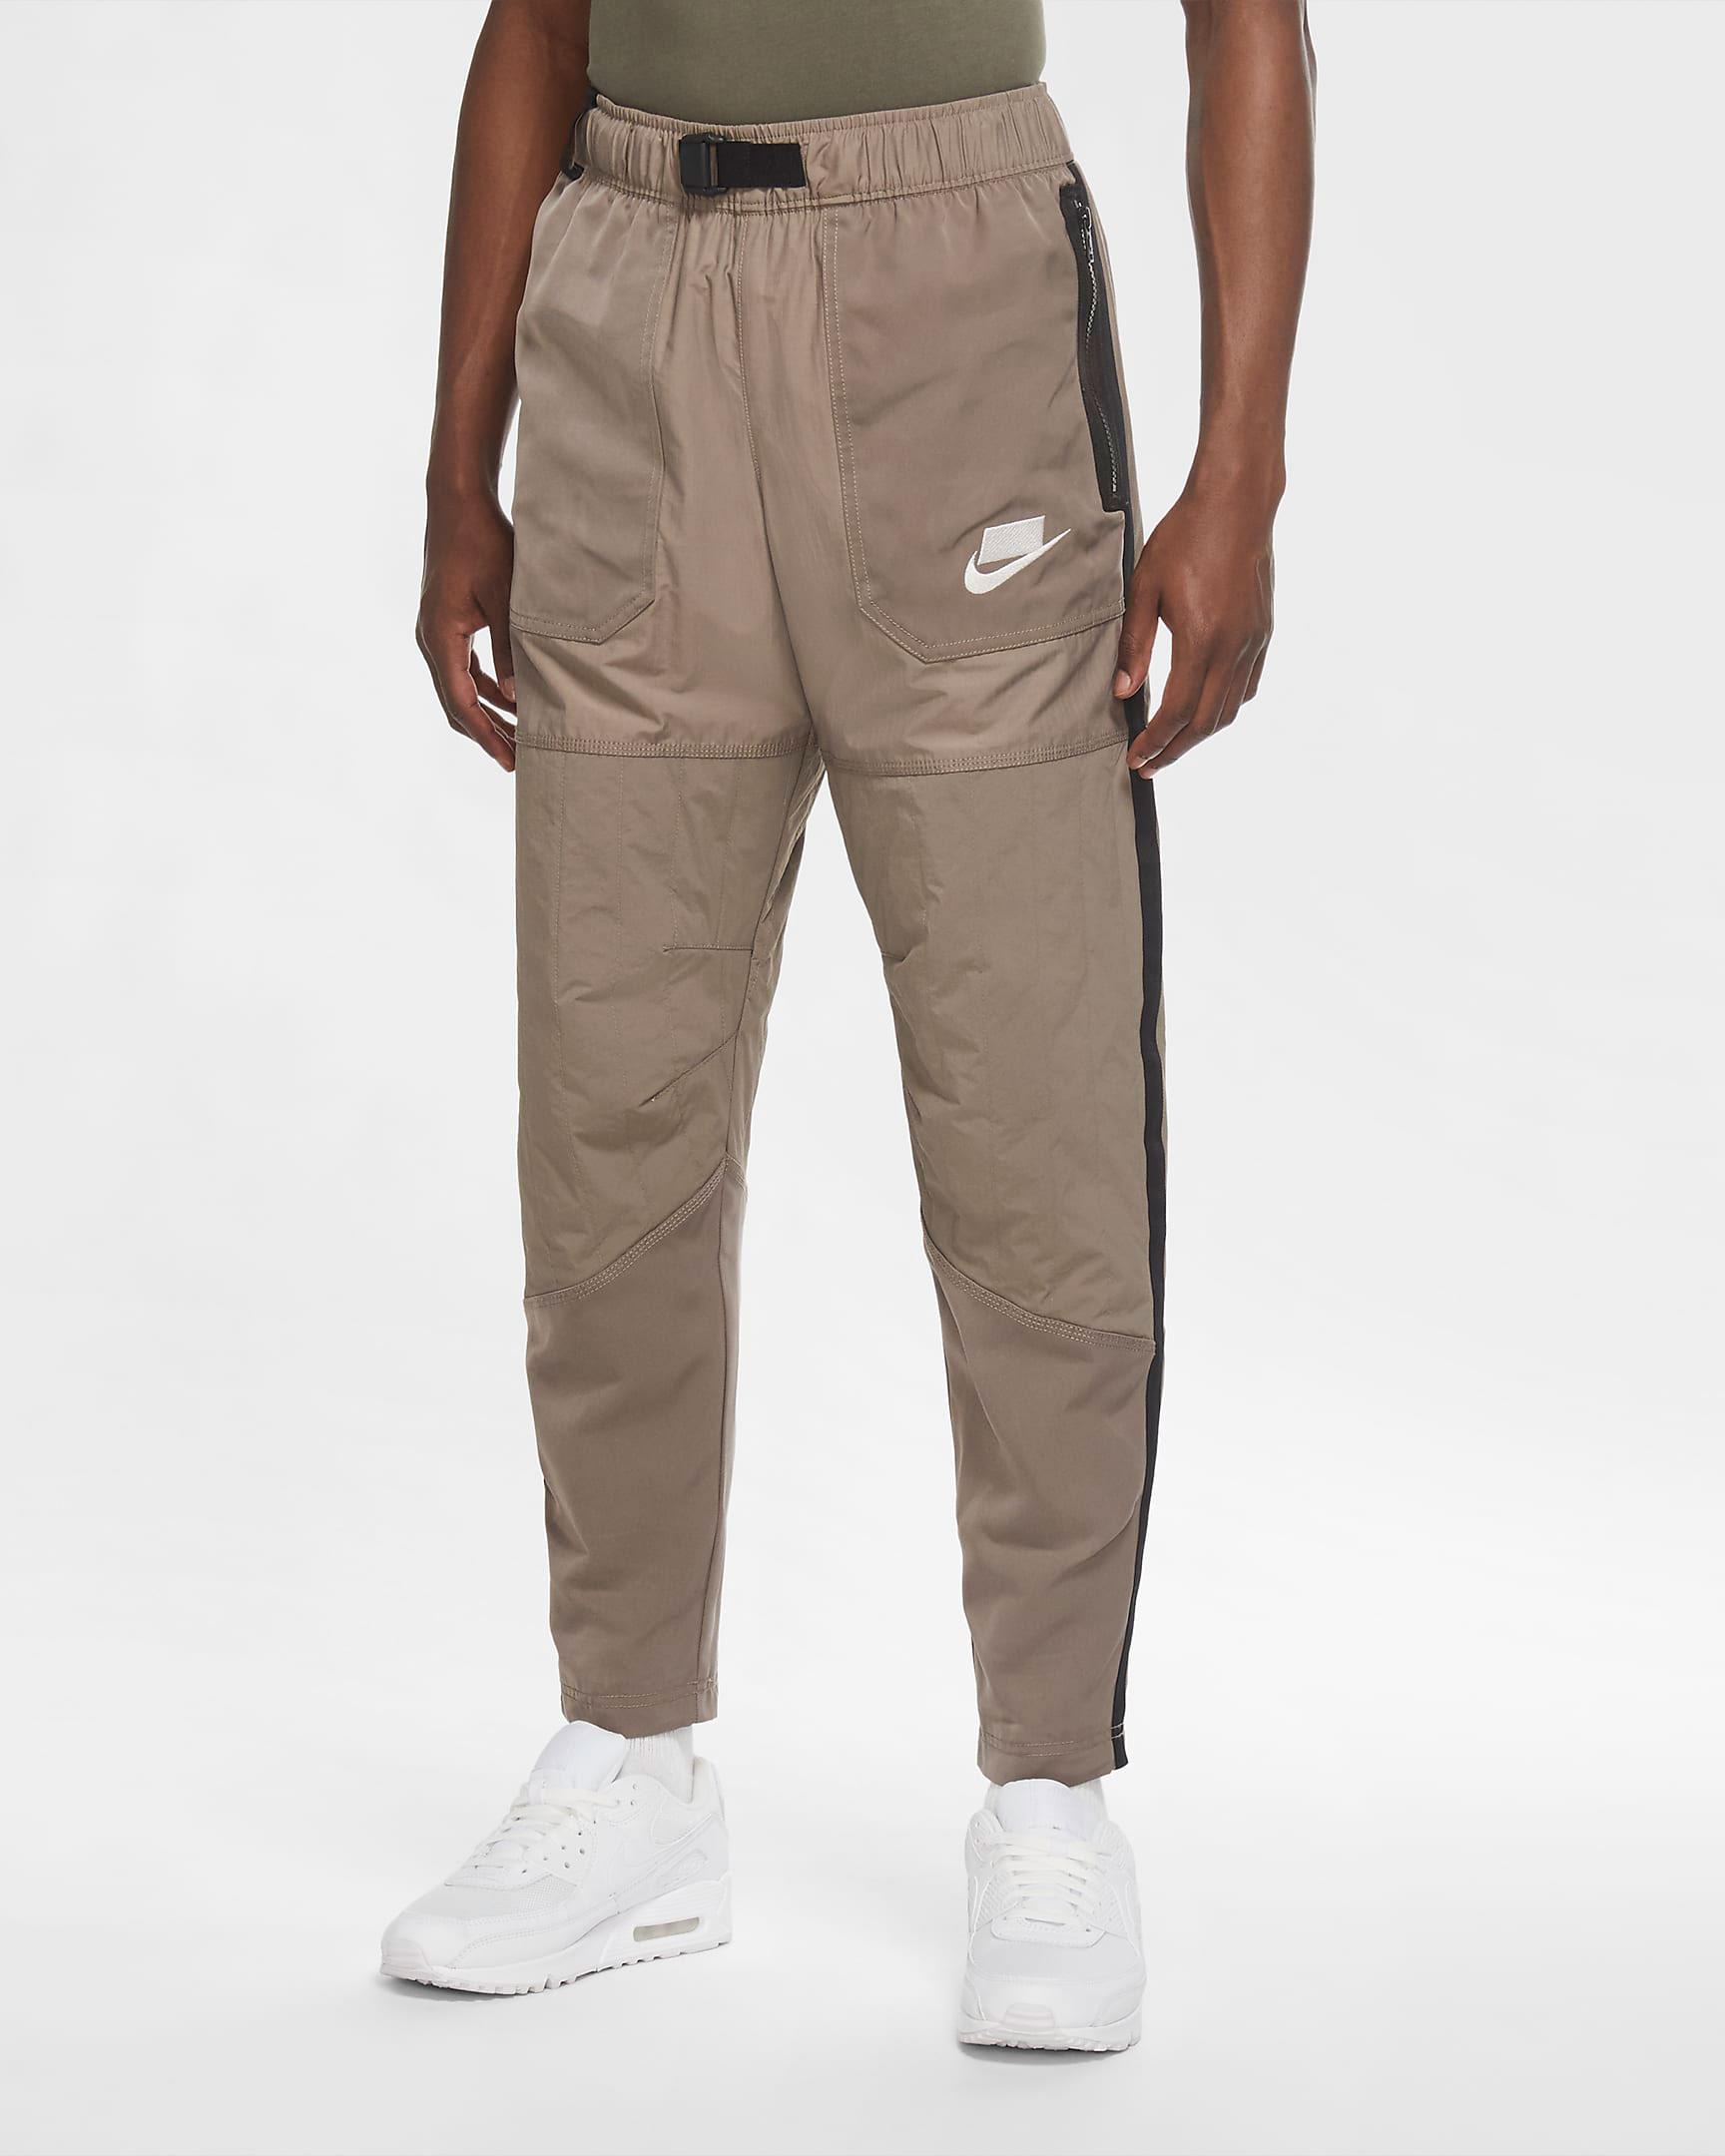 nike-sportswear-woven-pants-olive-grey-1